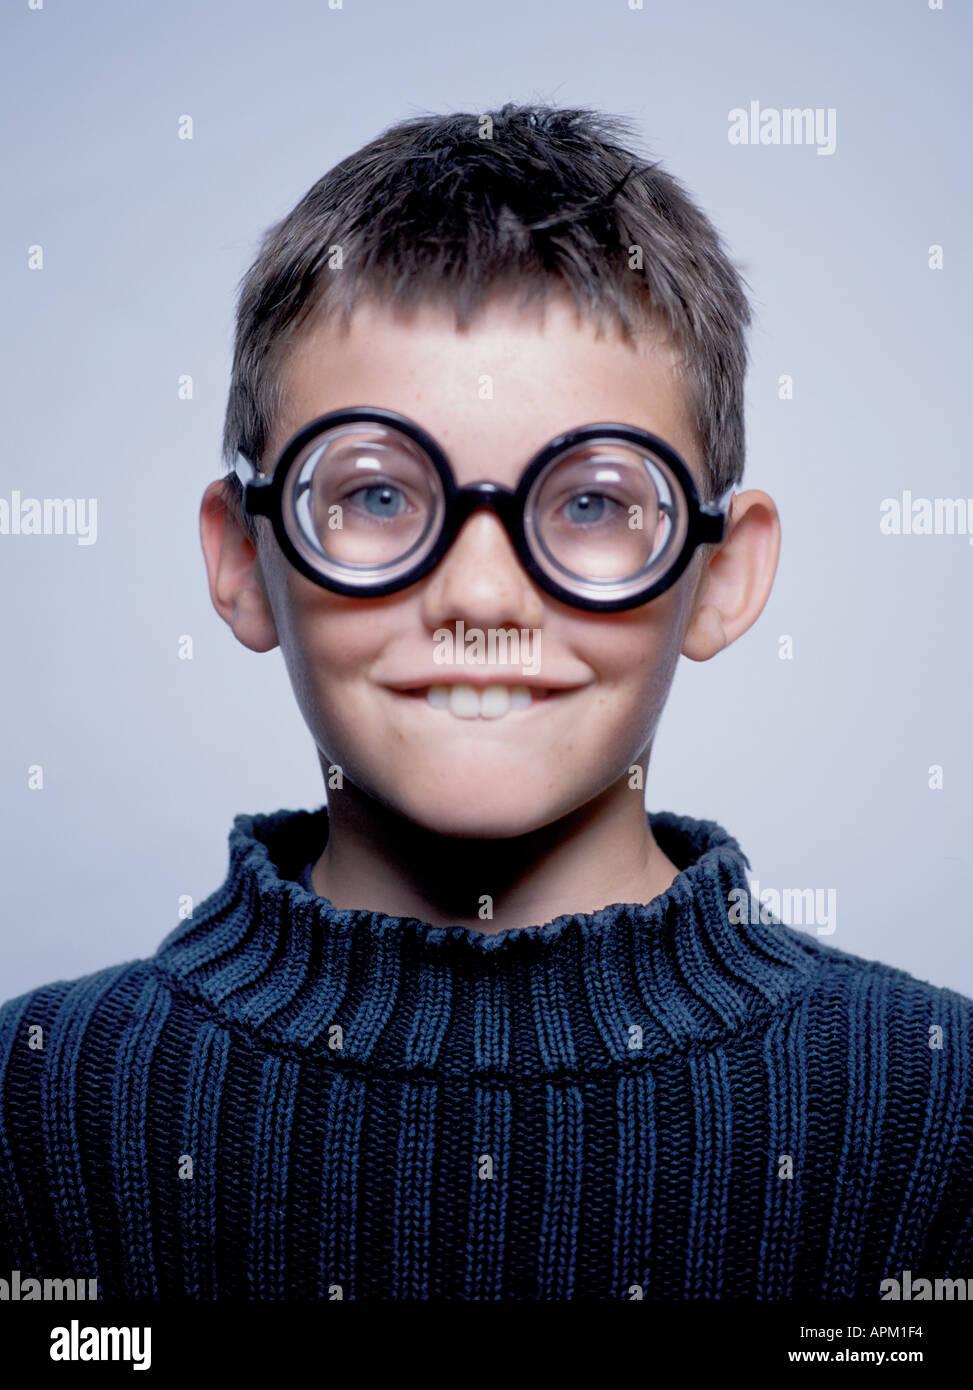 Retrato de un joven goofy portando gafas gruesas Foto de stock